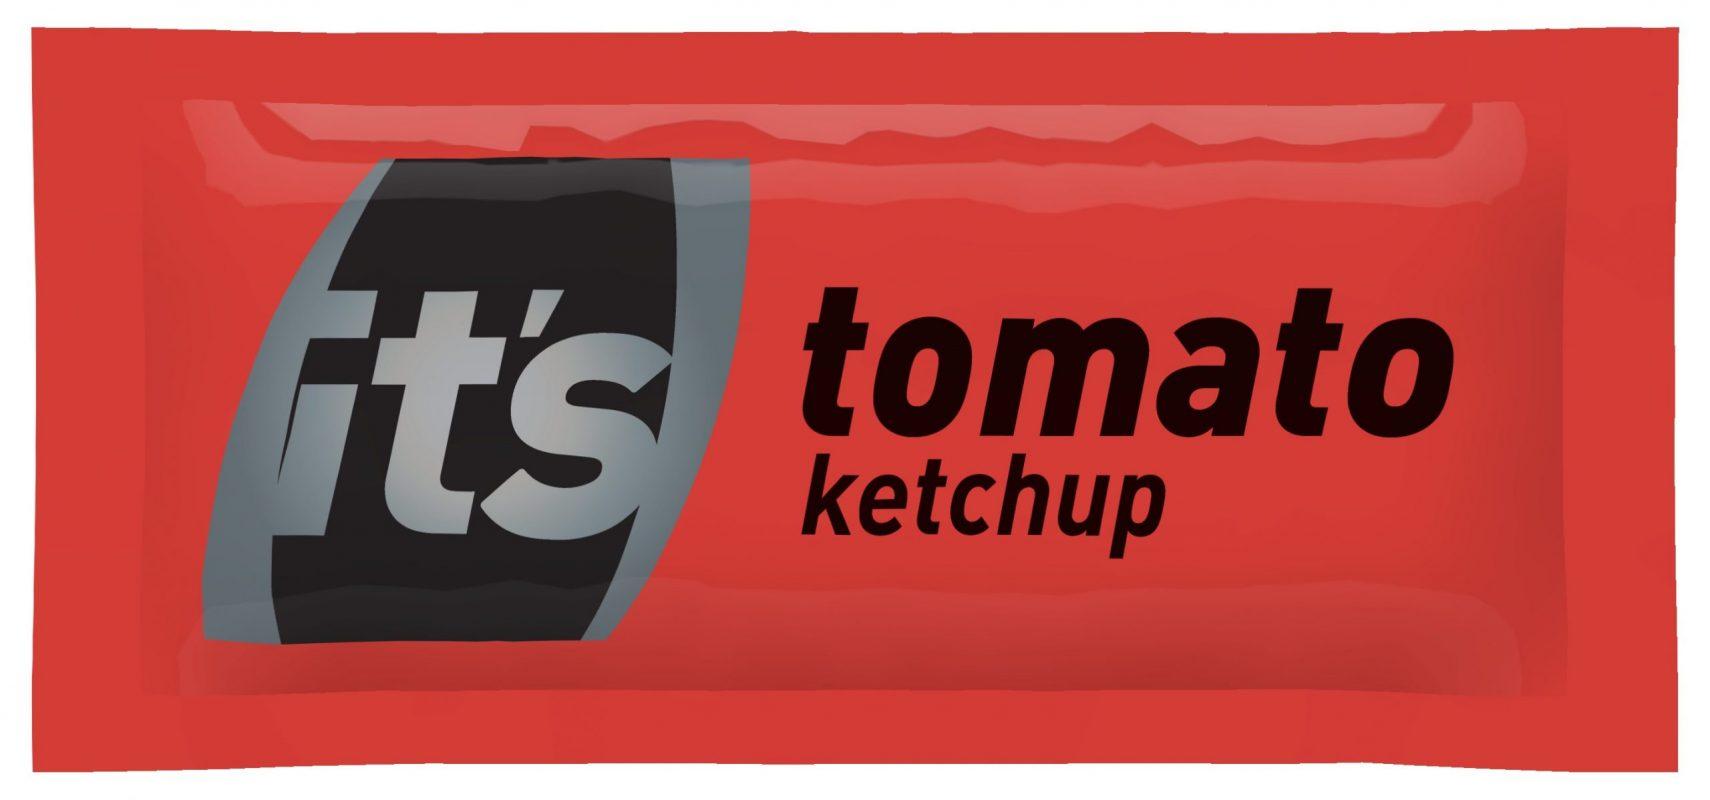 Tomato Ketchup Sachets